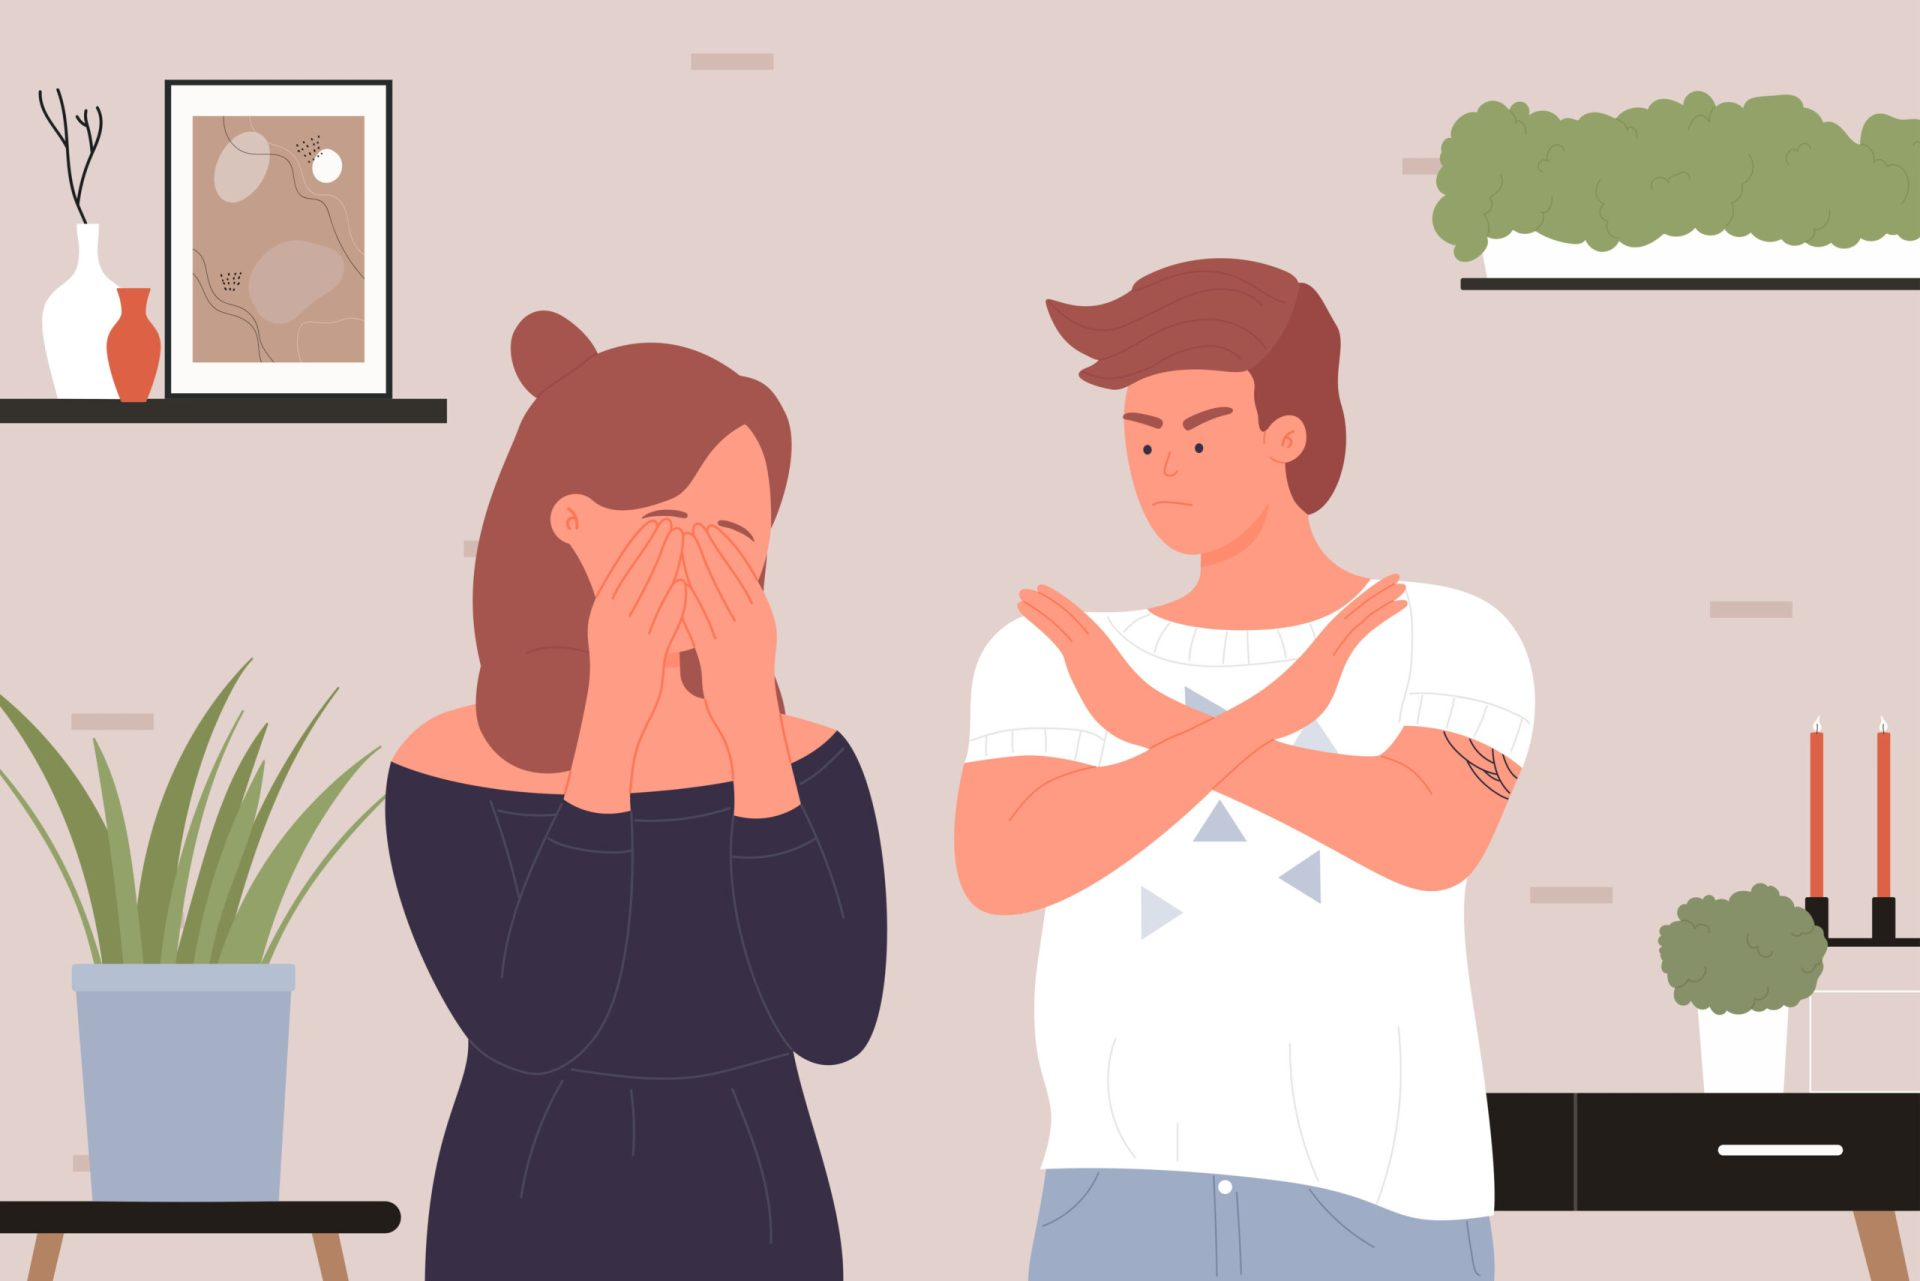 Bărbat și femeie având un conflict în cuplu